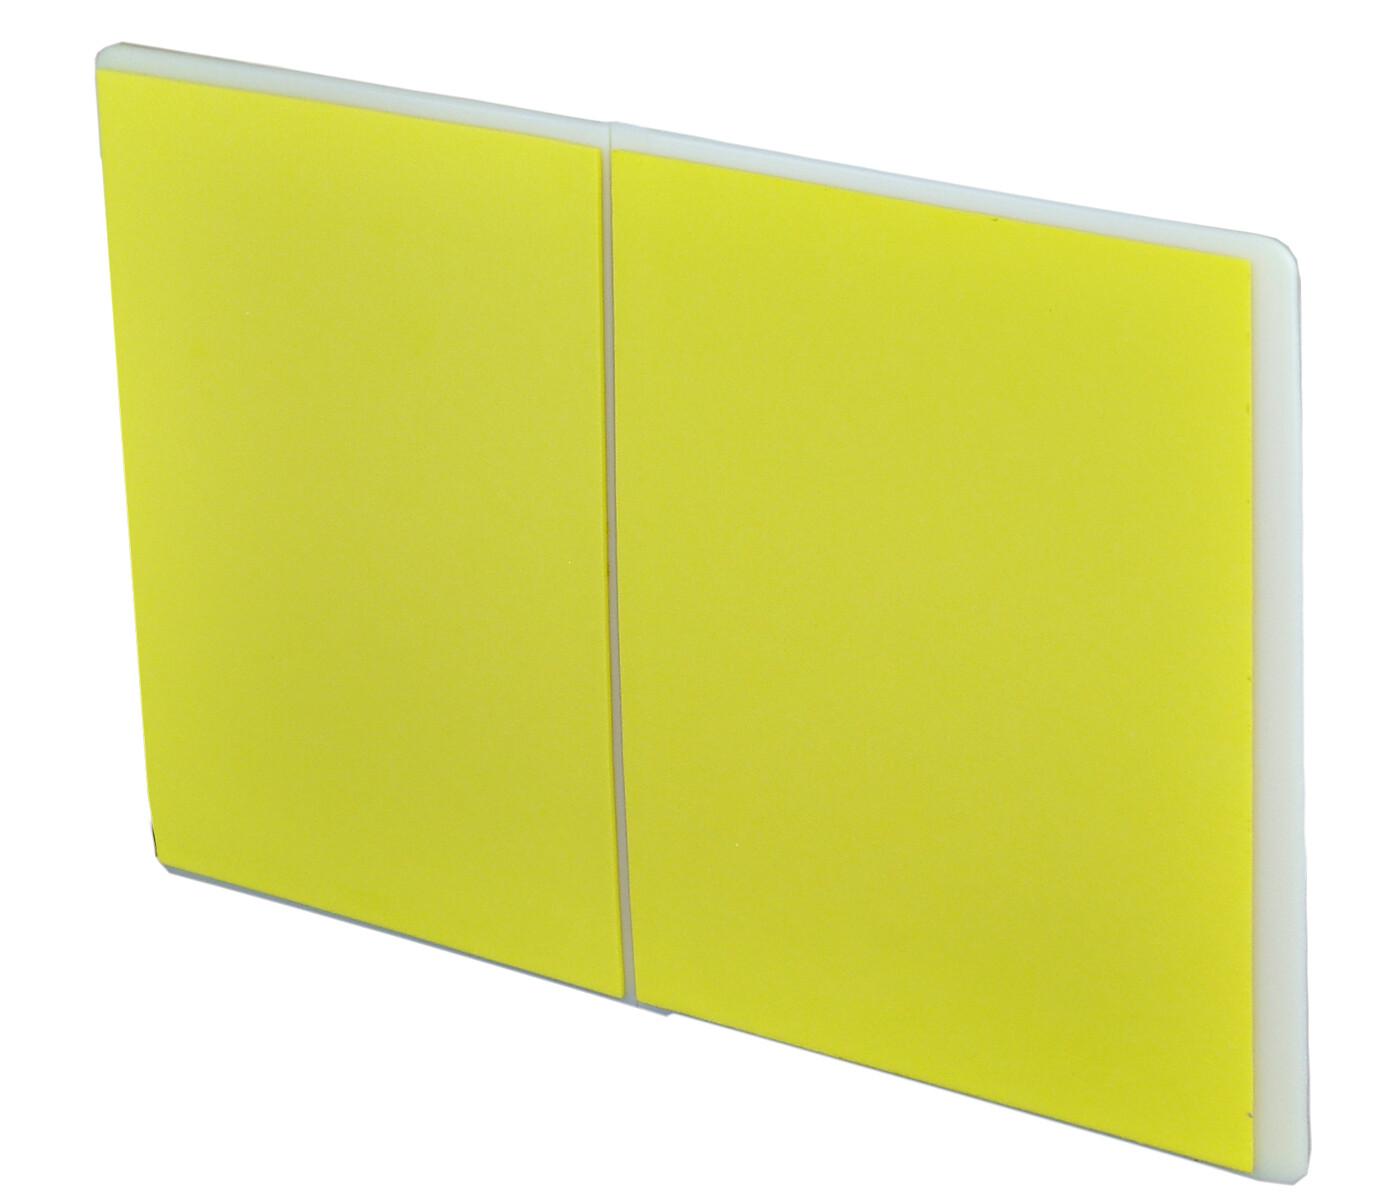 Breaking Board, Re-breakable, Flat; Yellow